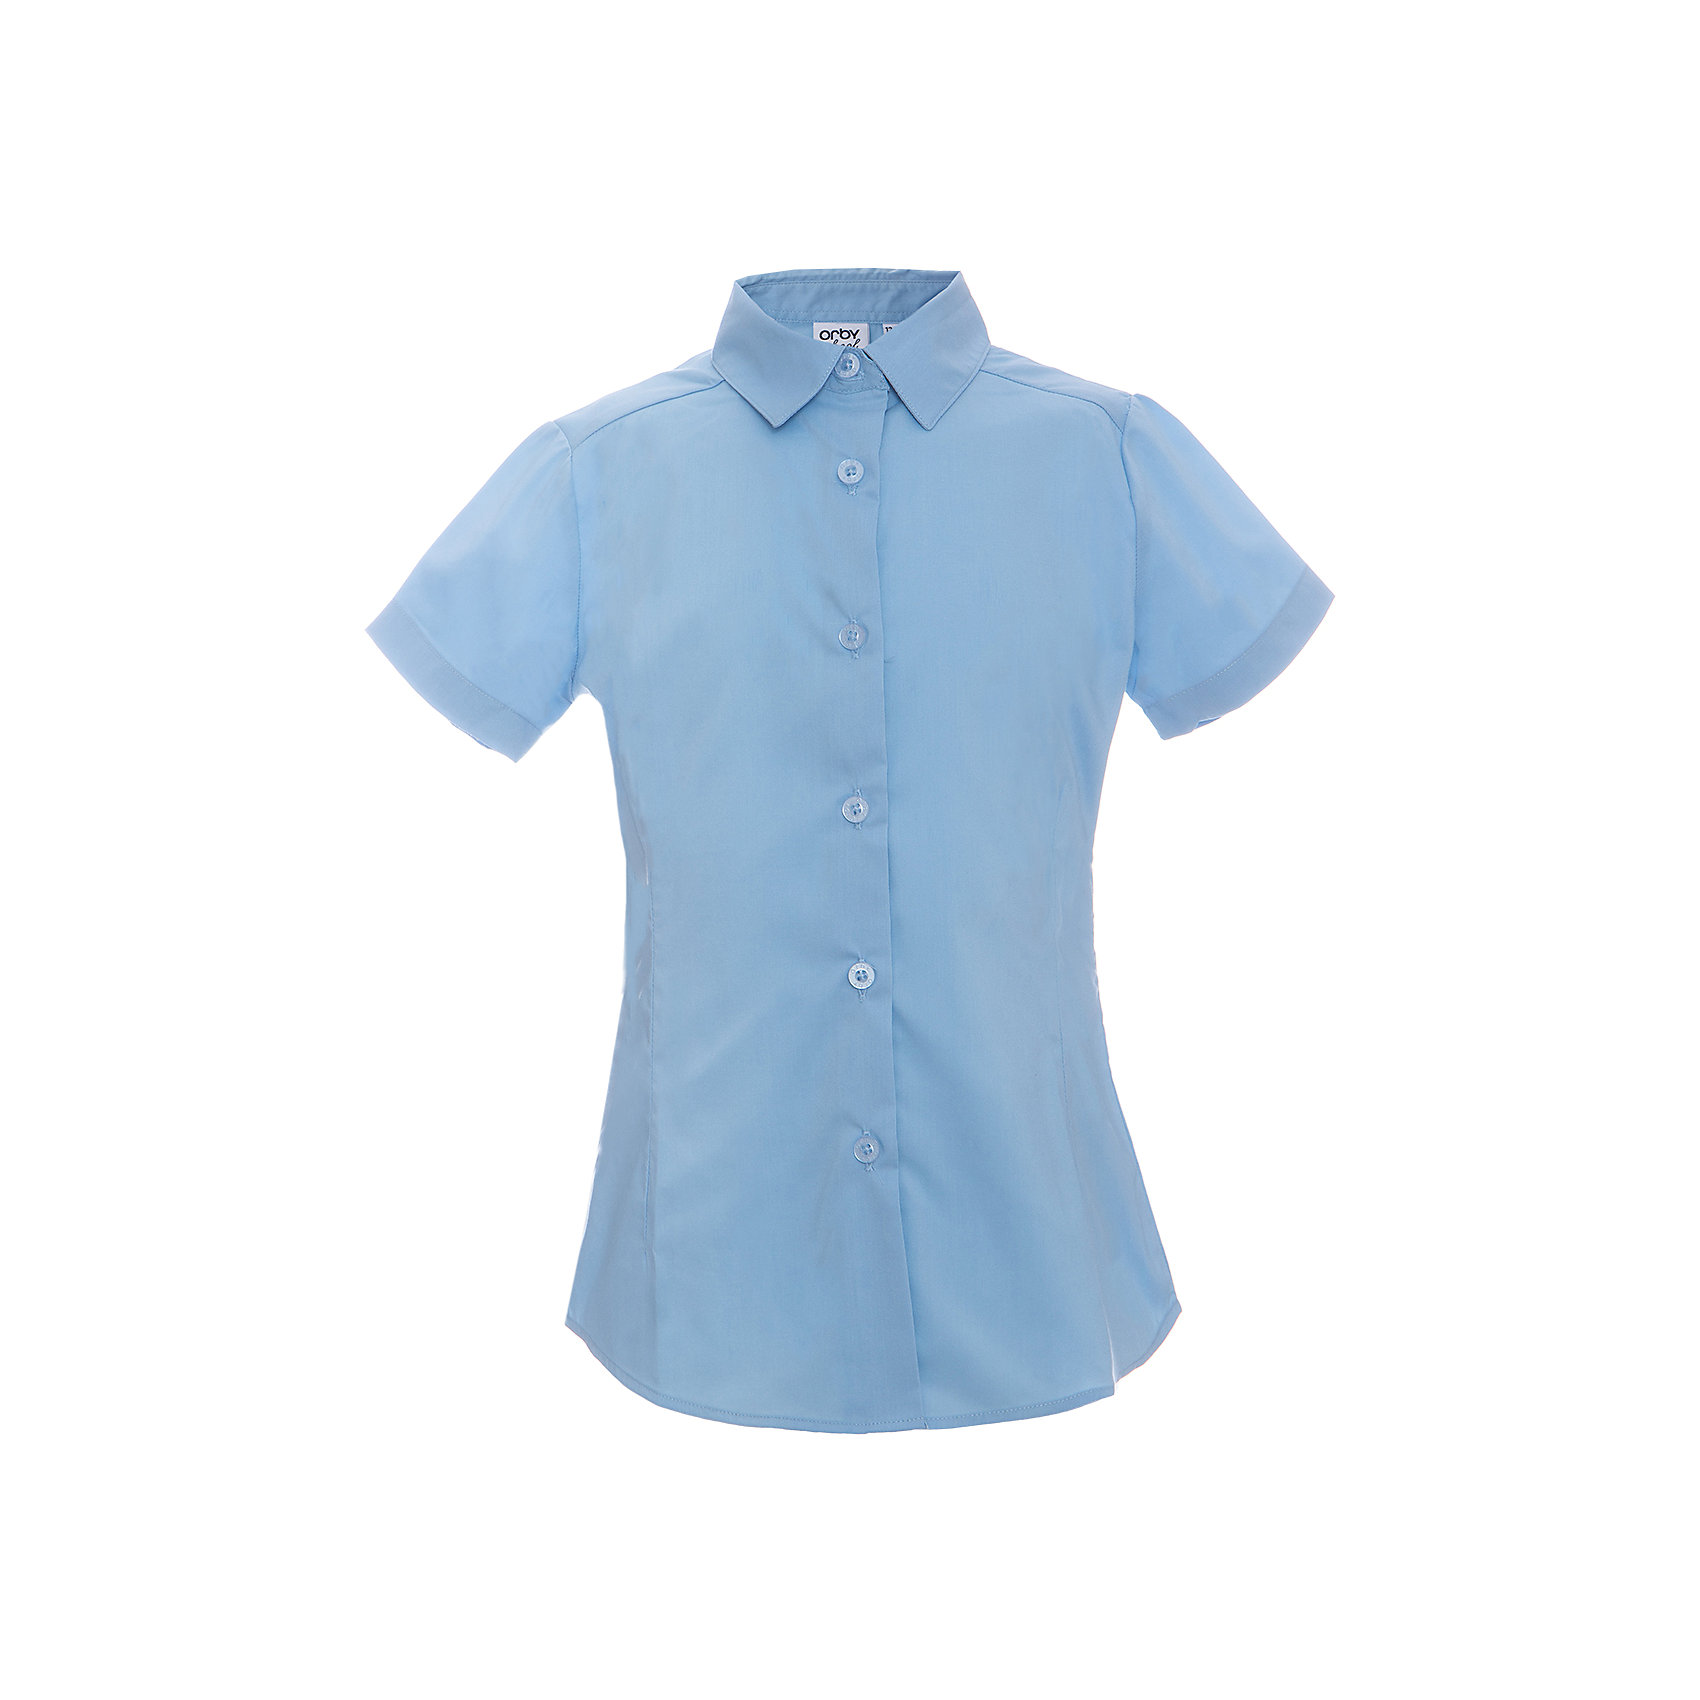 Блузка для девочки OrbyБлузки и рубашки<br>Характеристики товара:<br><br>• цвет: голубой<br>• состав ткани: 66% ПЭ, 30% хлопок, 4%эластан<br>• особенности: школьная, праздничная<br>• короткие рукава<br>• застежка: пуговицы<br>• отложной воротник<br>• сезон: круглый год<br>• страна бренда: Россия<br>• страна изготовитель: Россия<br><br>Белая блузка для девочки Orby - базовая вещь гардероба. Такая блузка - отличный вариант практичной и стильной школьной одежды. <br><br>Голубая блузка для девочки Orby - отличный способ разнообразить гардероб. Такая блузка хорошо дополнит школьную форму. <br><br>Блузку для девочки Orby (Орби) можно купить в нашем интернет-магазине.<br><br>Ширина мм: 186<br>Глубина мм: 87<br>Высота мм: 198<br>Вес г: 197<br>Цвет: голубой<br>Возраст от месяцев: 168<br>Возраст до месяцев: 180<br>Пол: Женский<br>Возраст: Детский<br>Размер: 170,122,128,134,140,146,152,158,164<br>SKU: 6960307